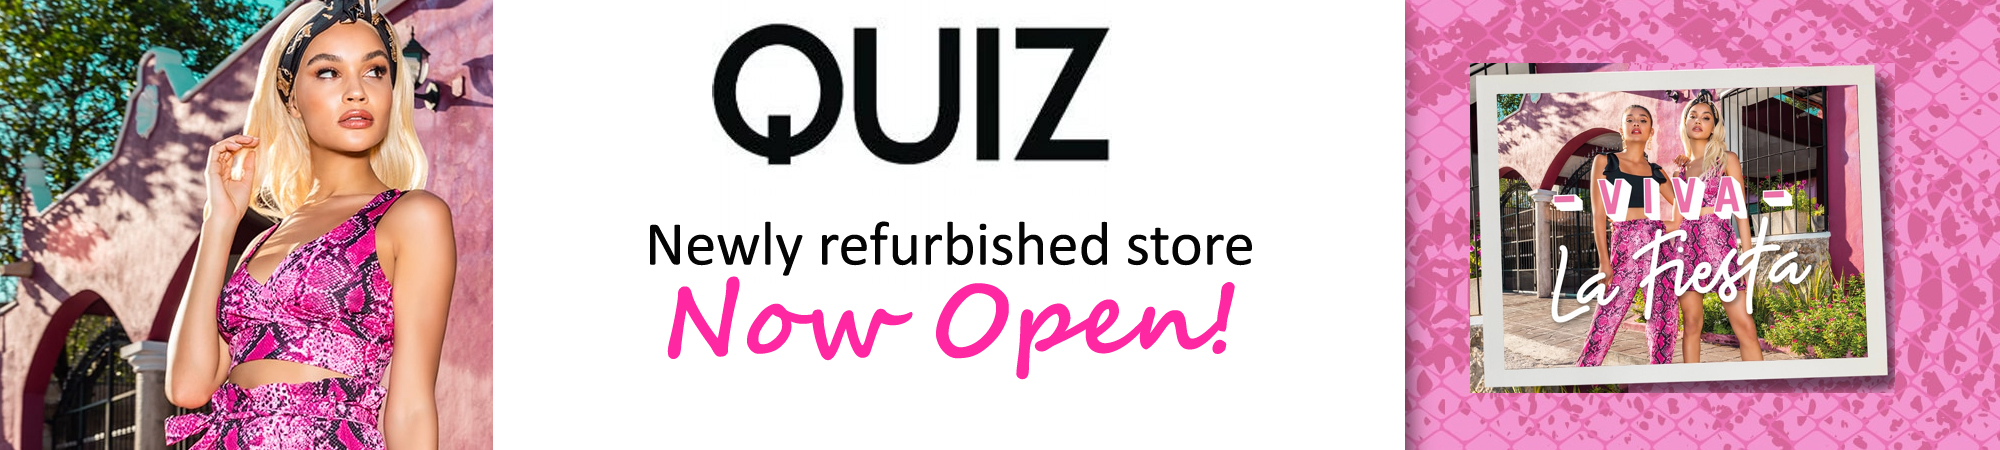 Quiz New Store